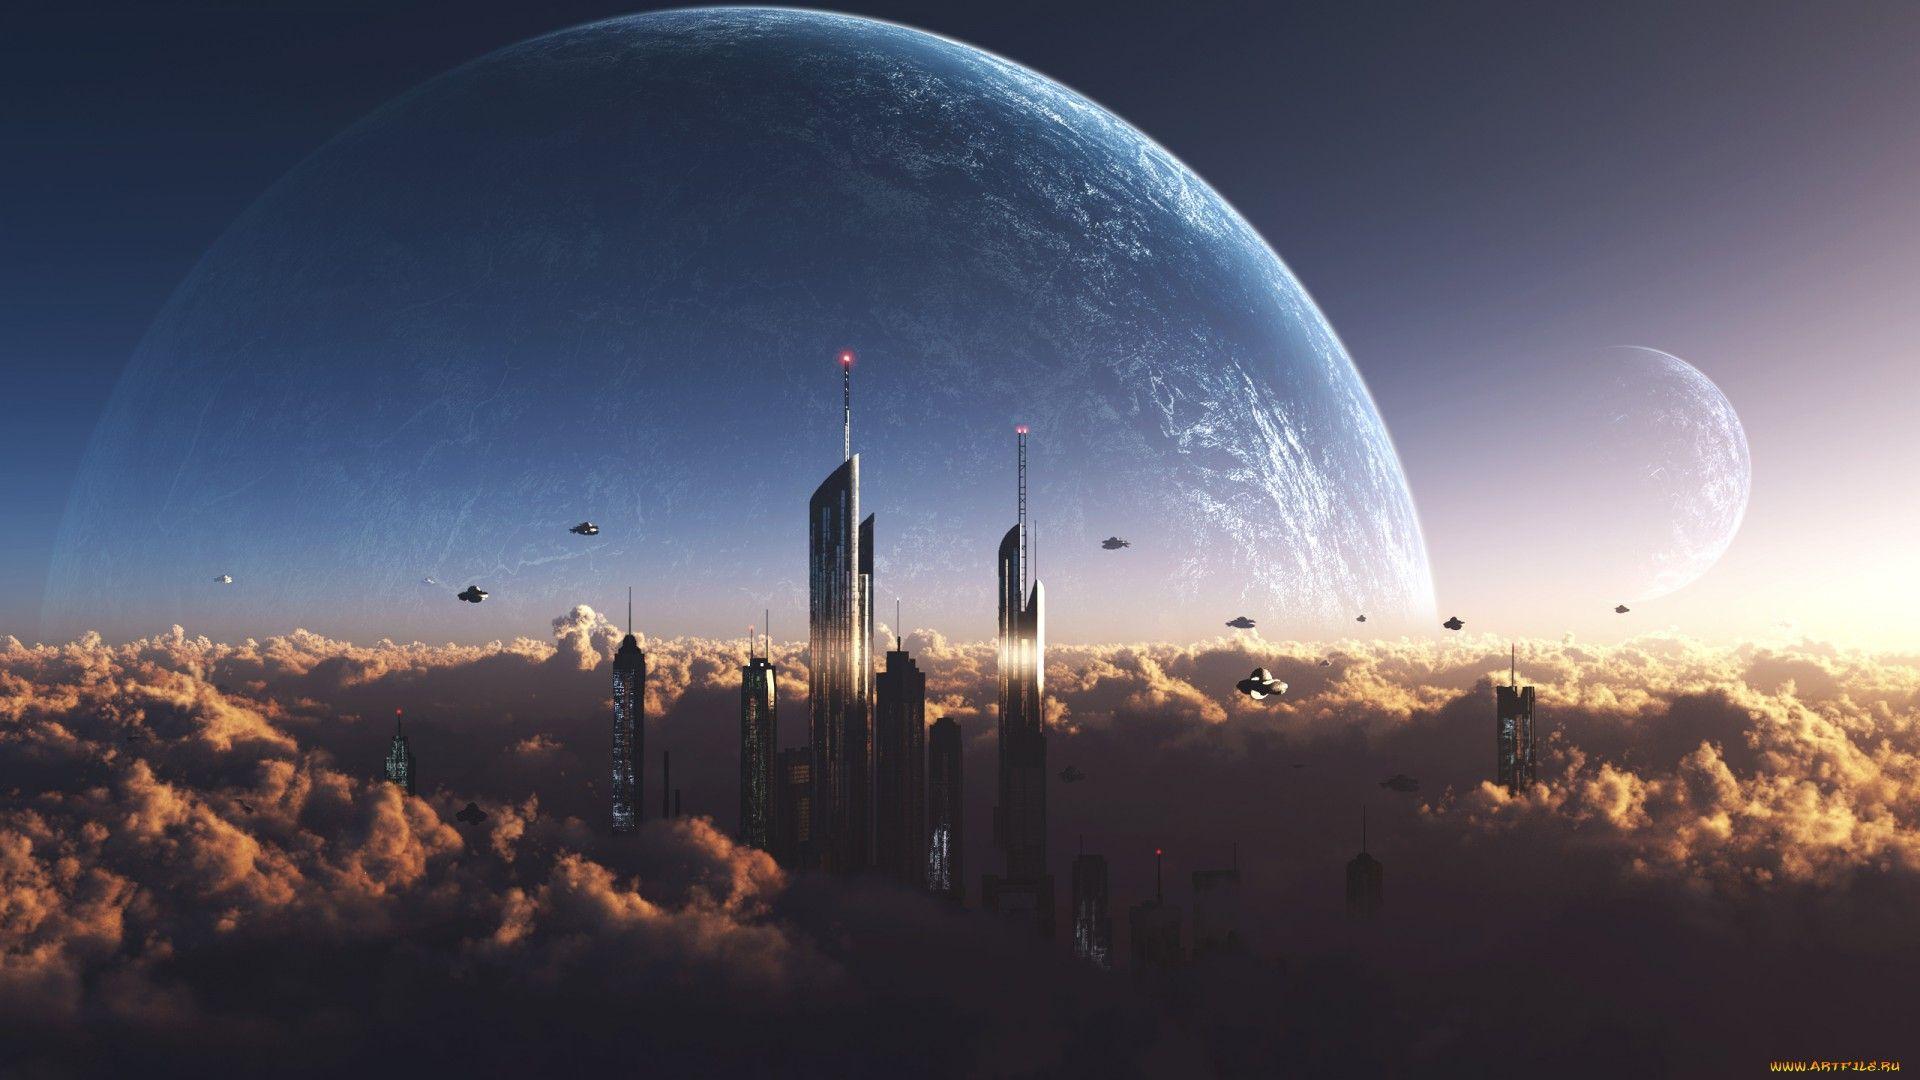 Sci Fi City Wallpaper Sci Fi In 2019 Sci Fi City Sci